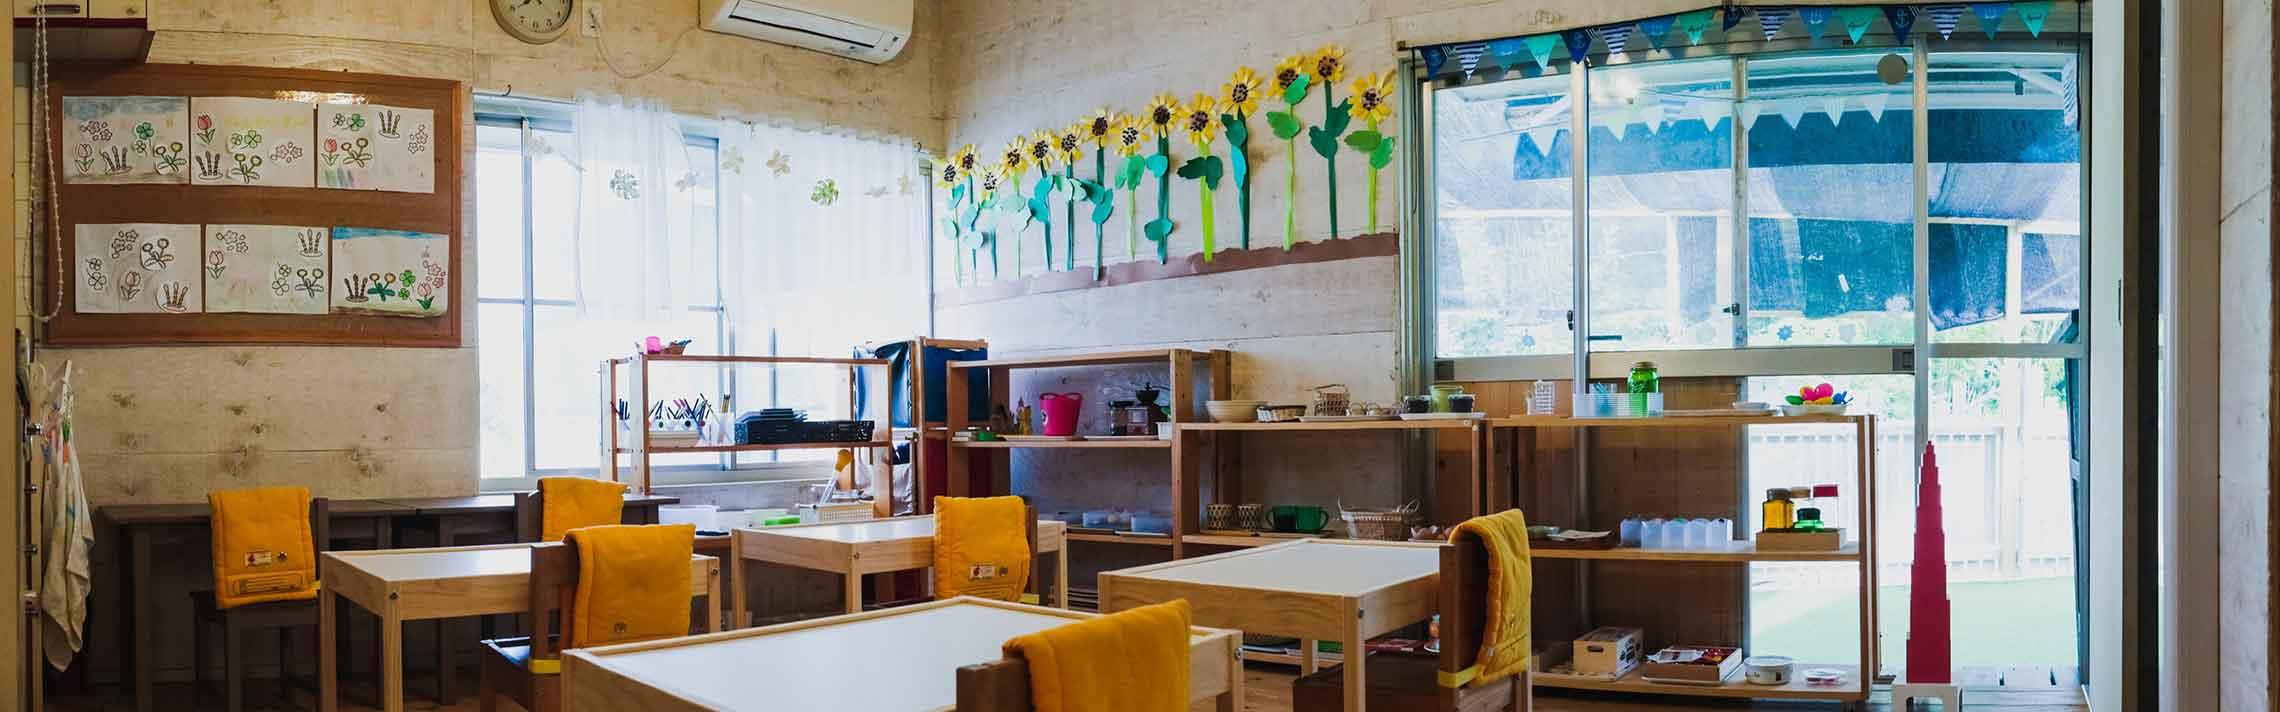 園児皆んなで学ぶ教室